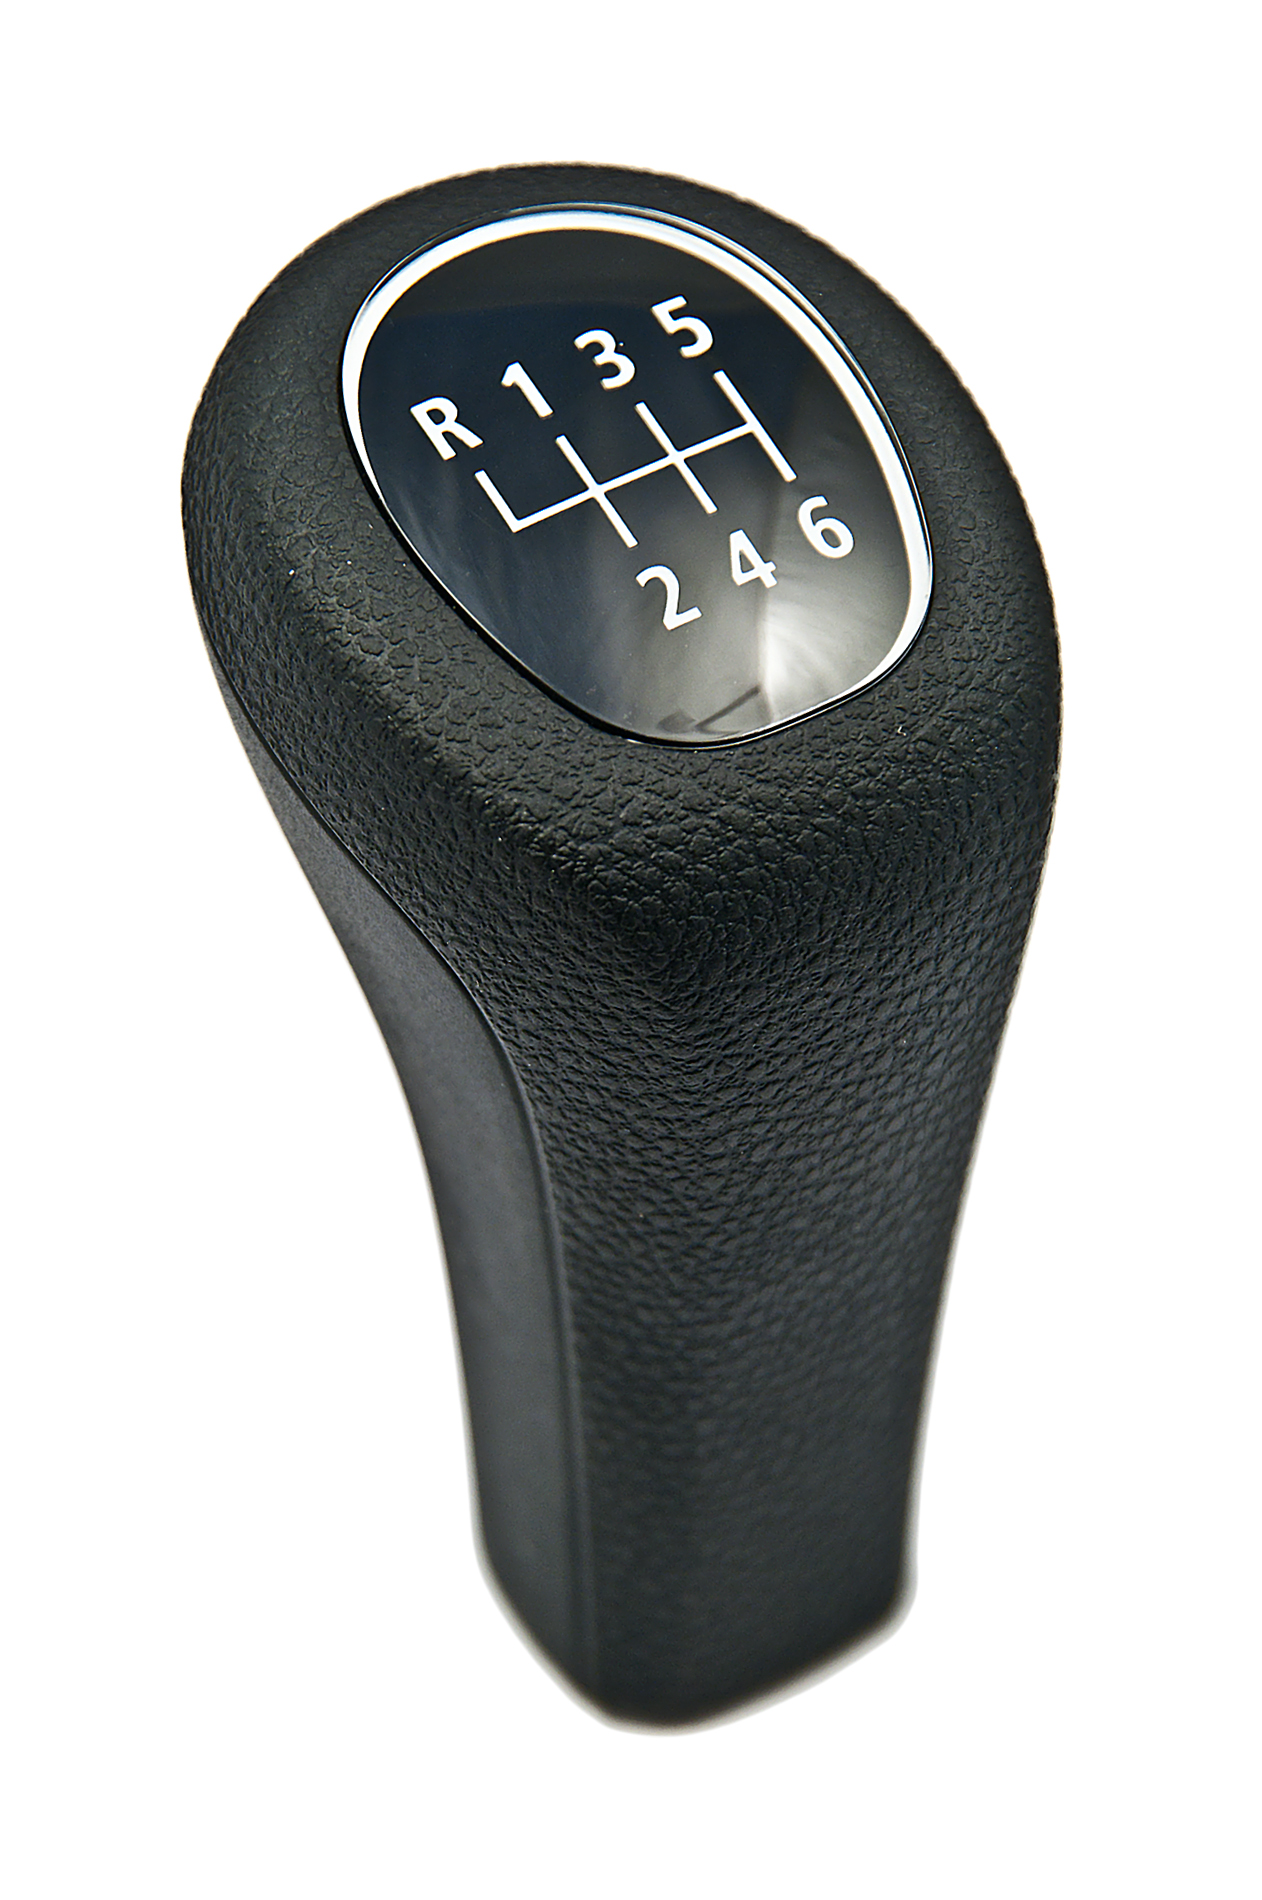 Bmw Genuine 6 Speed Gear Stick Knob Black E83 E84 E87 E90